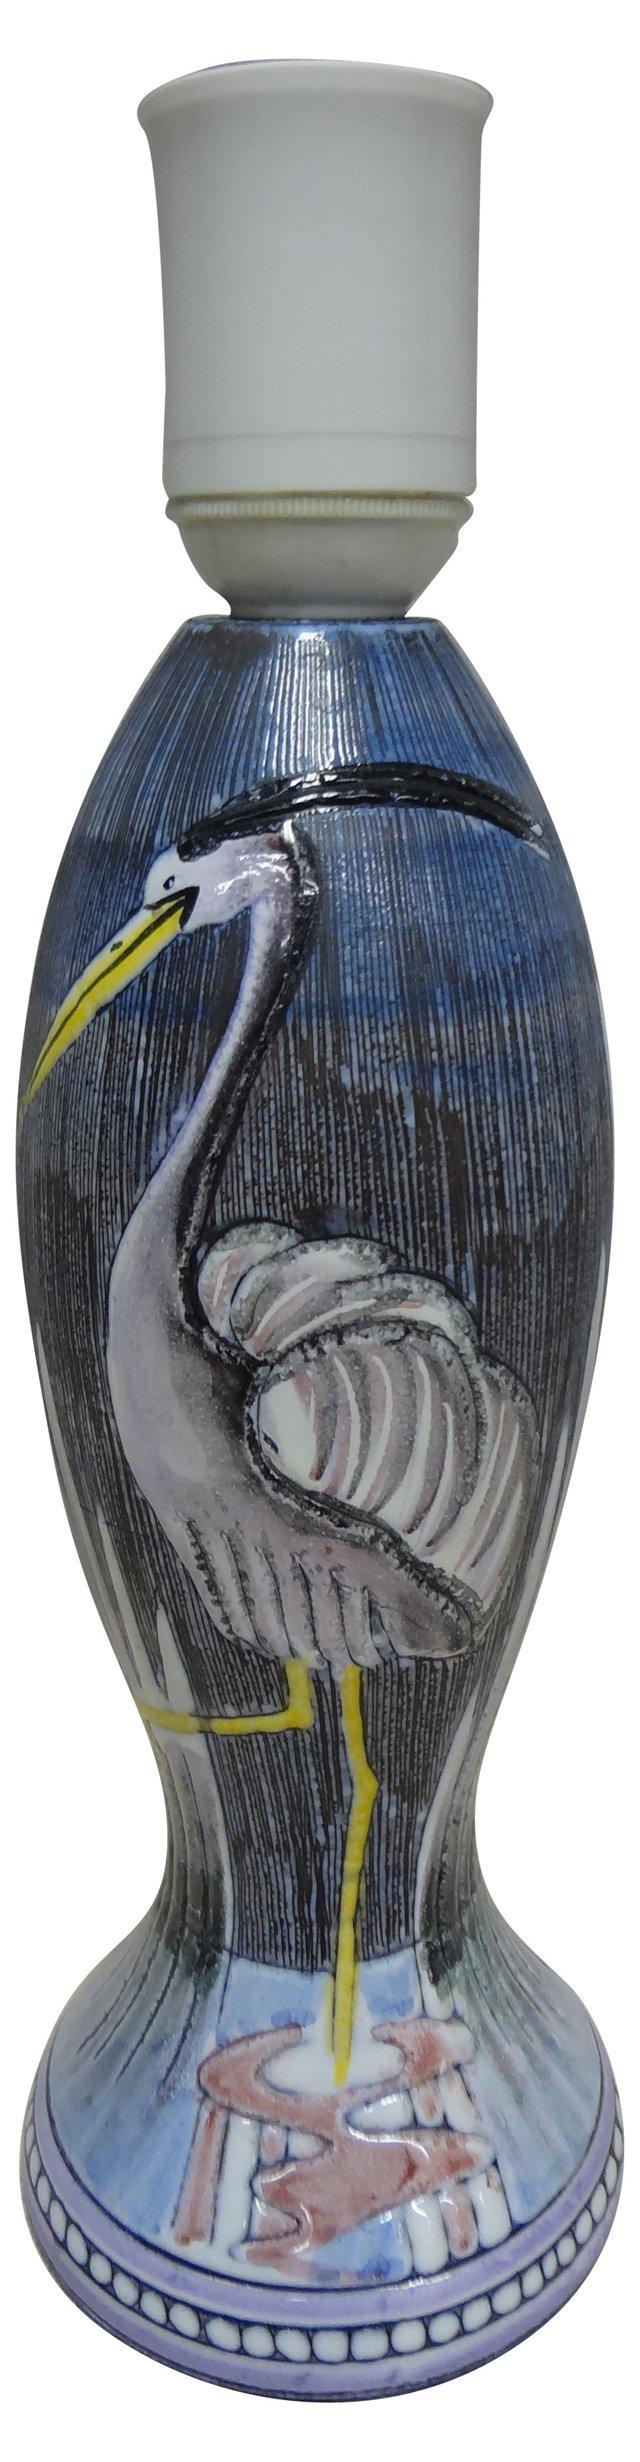 Swedish Ceramic Crane Lamp